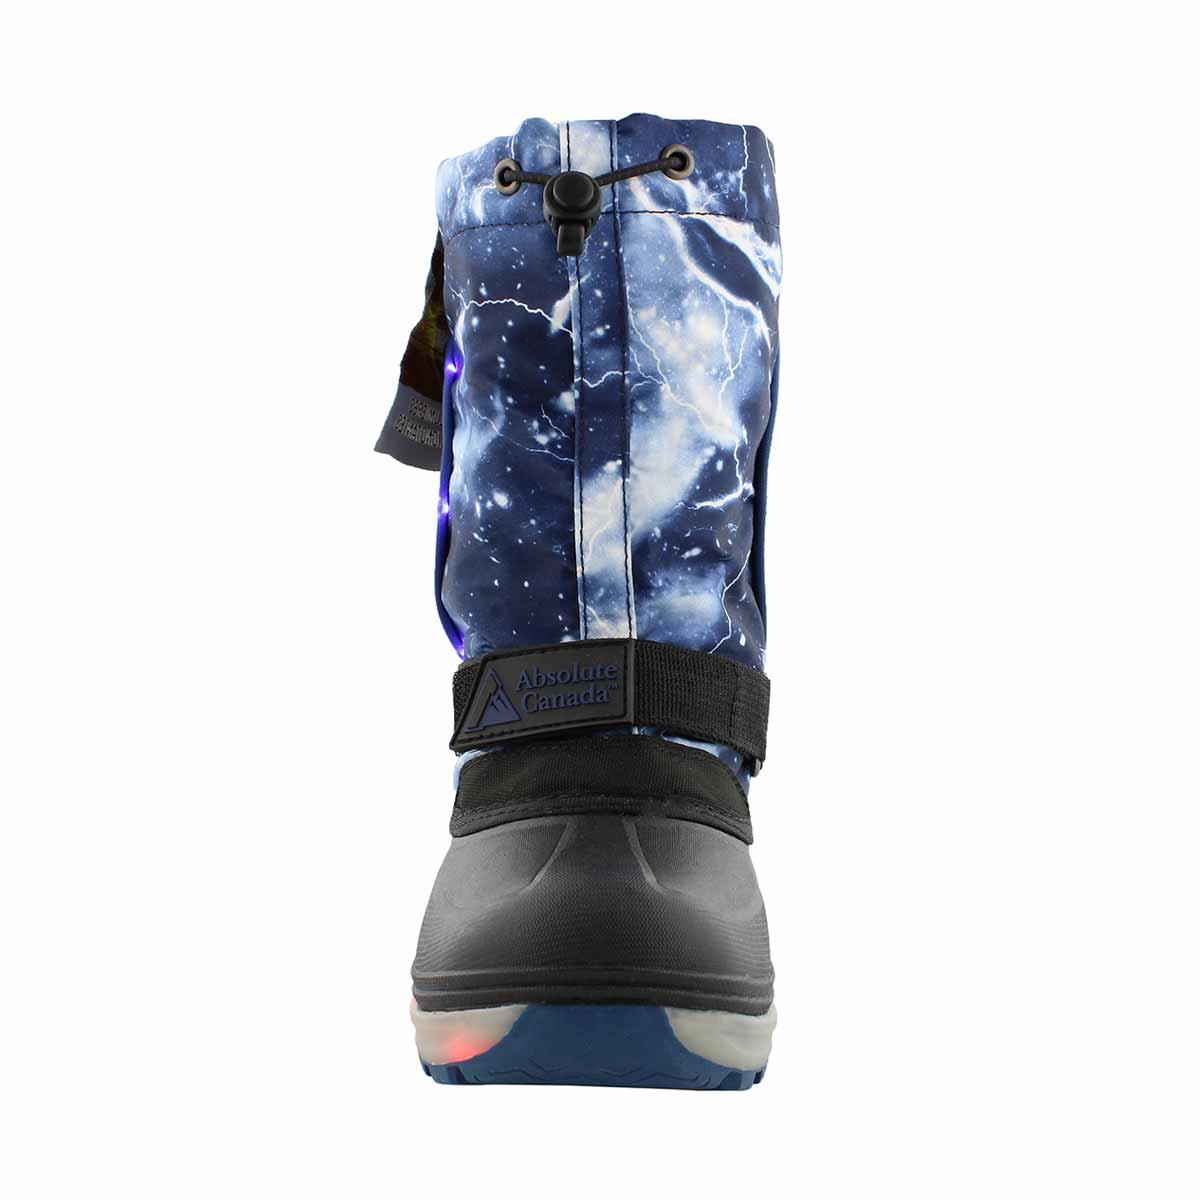 Kds Nebula blue wp light up winter boot